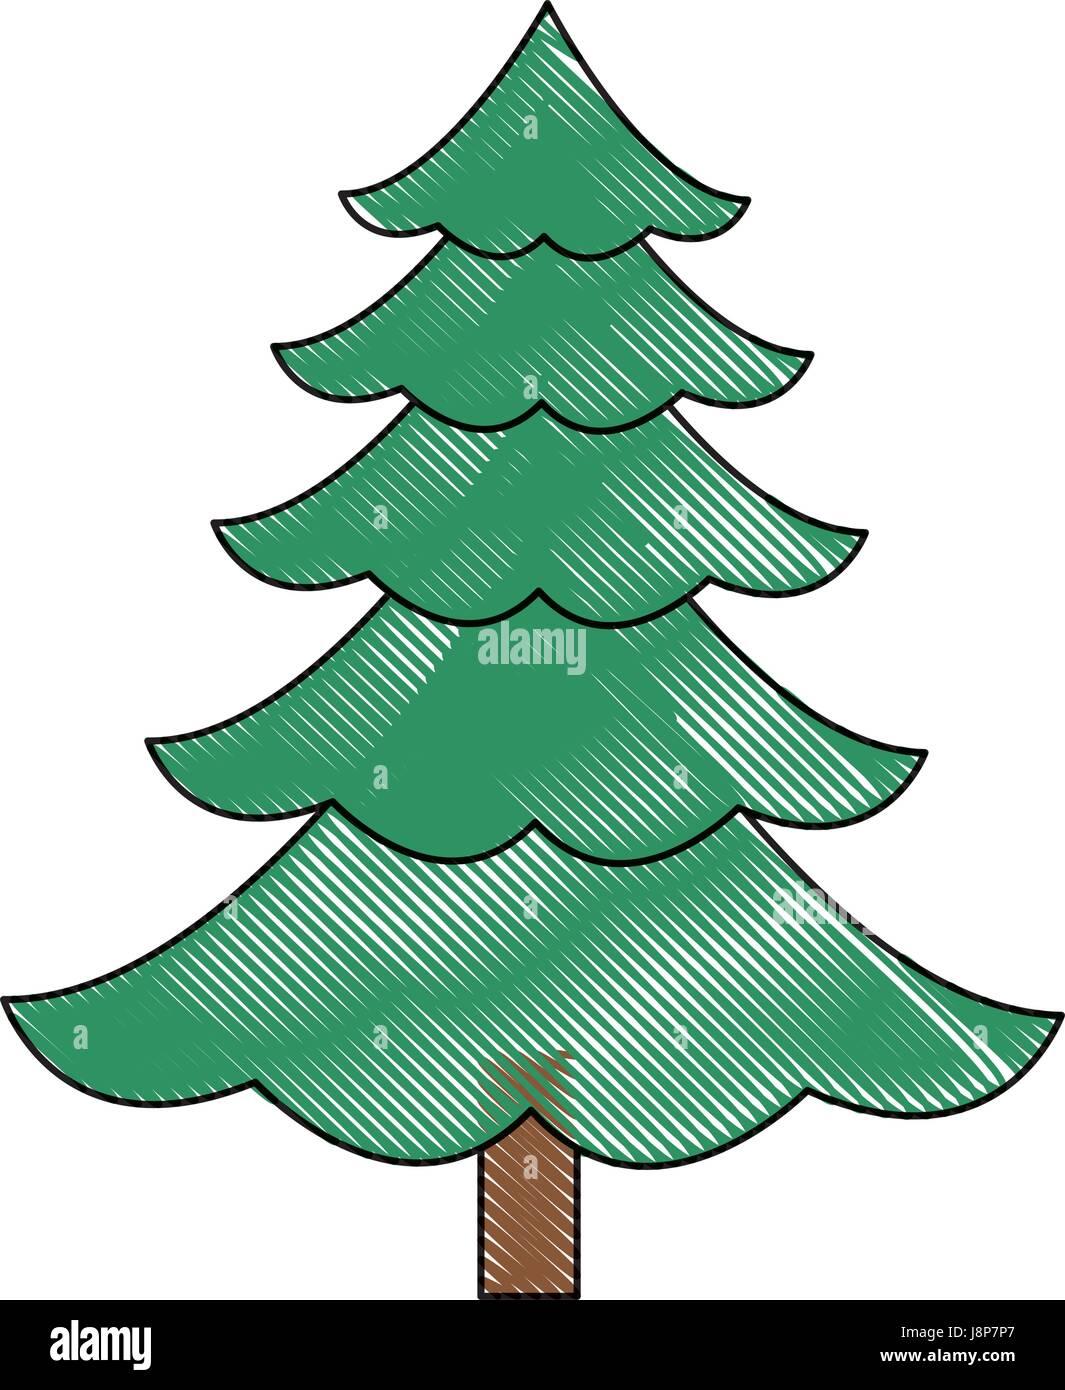 árbol De Navidad Ornamento De Pino Icono Dibujos Animados